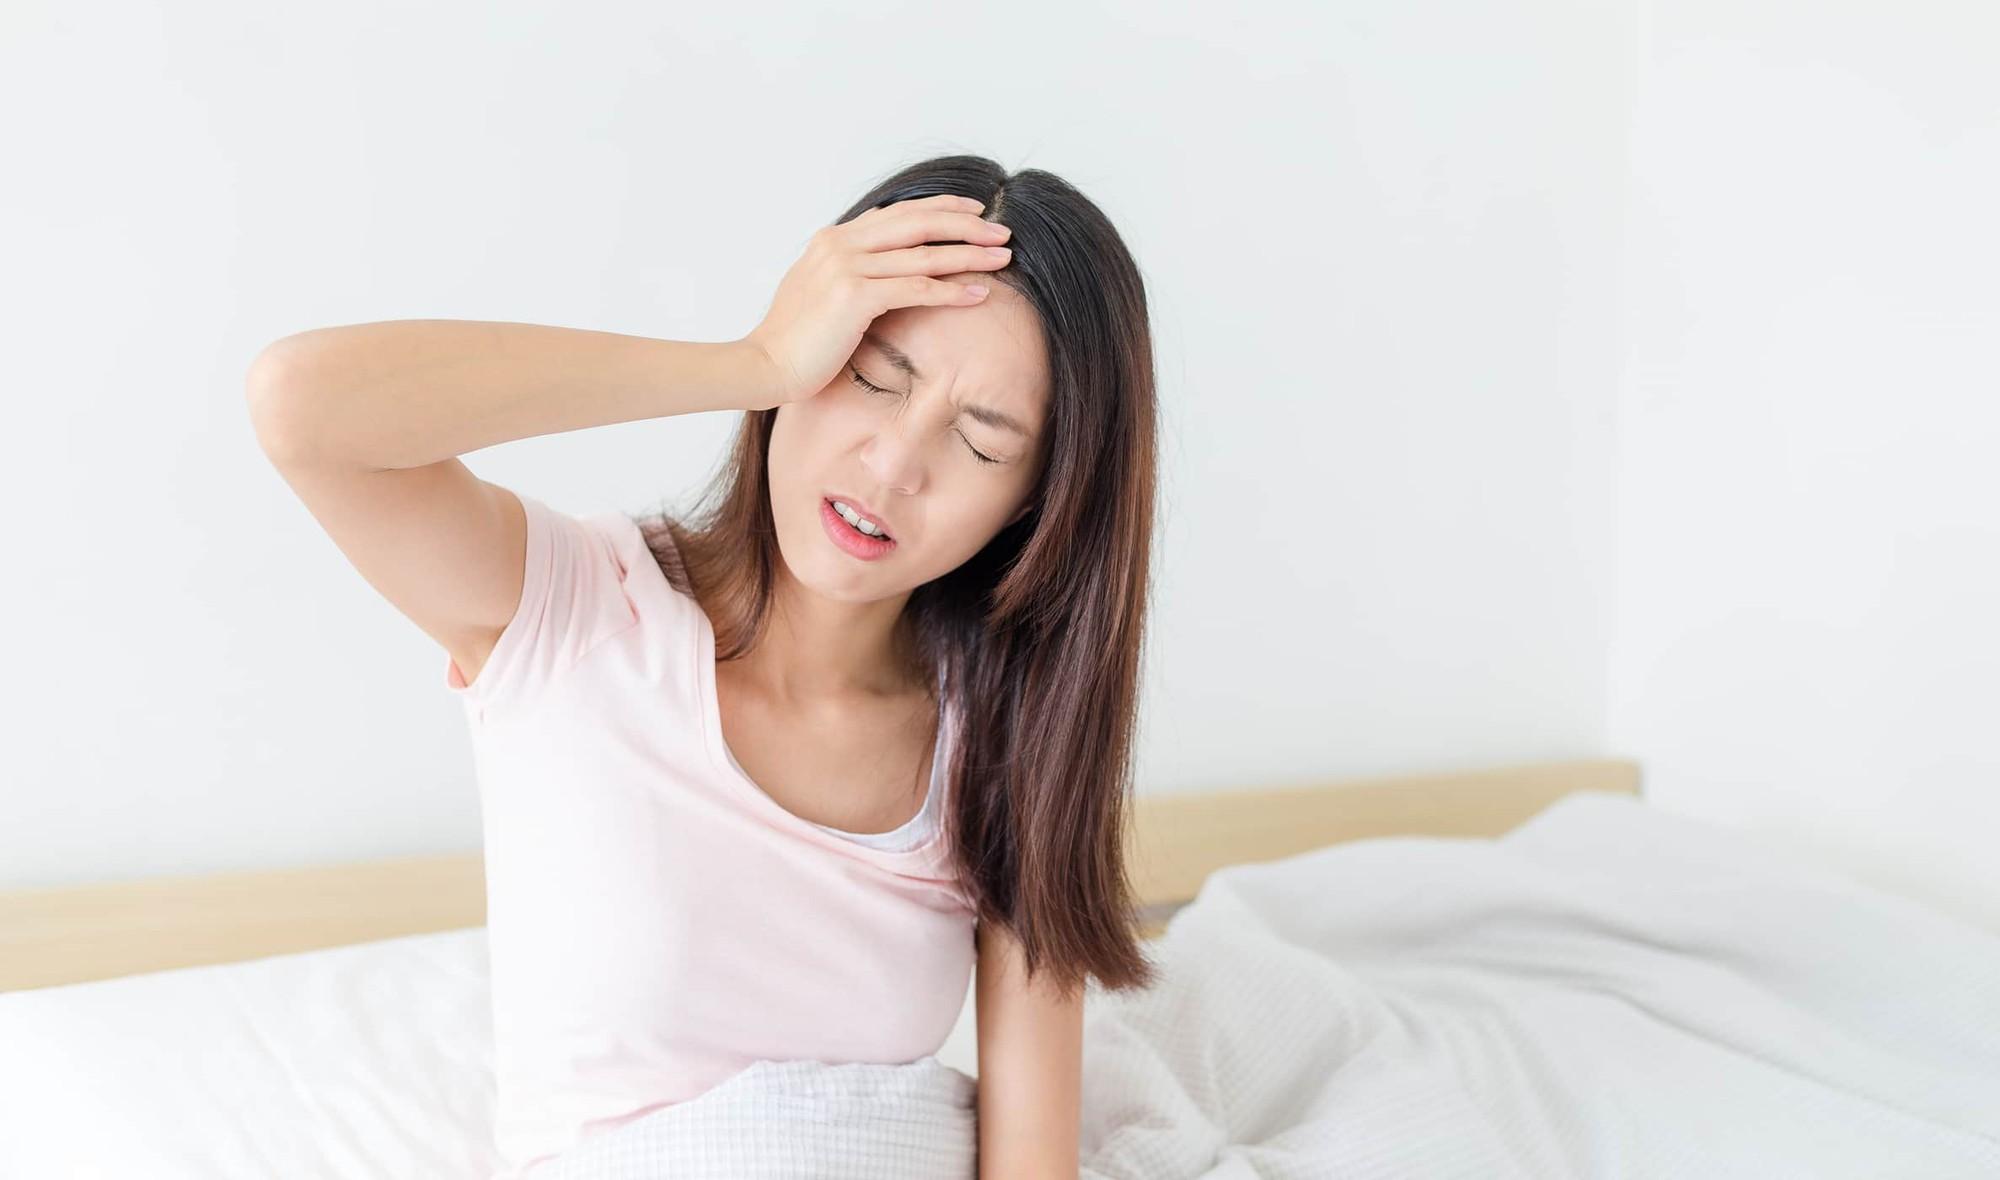 Những hiện tượng thông thường nhưng lại là lời cảnh báo của tình trạng chèn ép dây thần kinh đáng lo ngại - Ảnh 6.